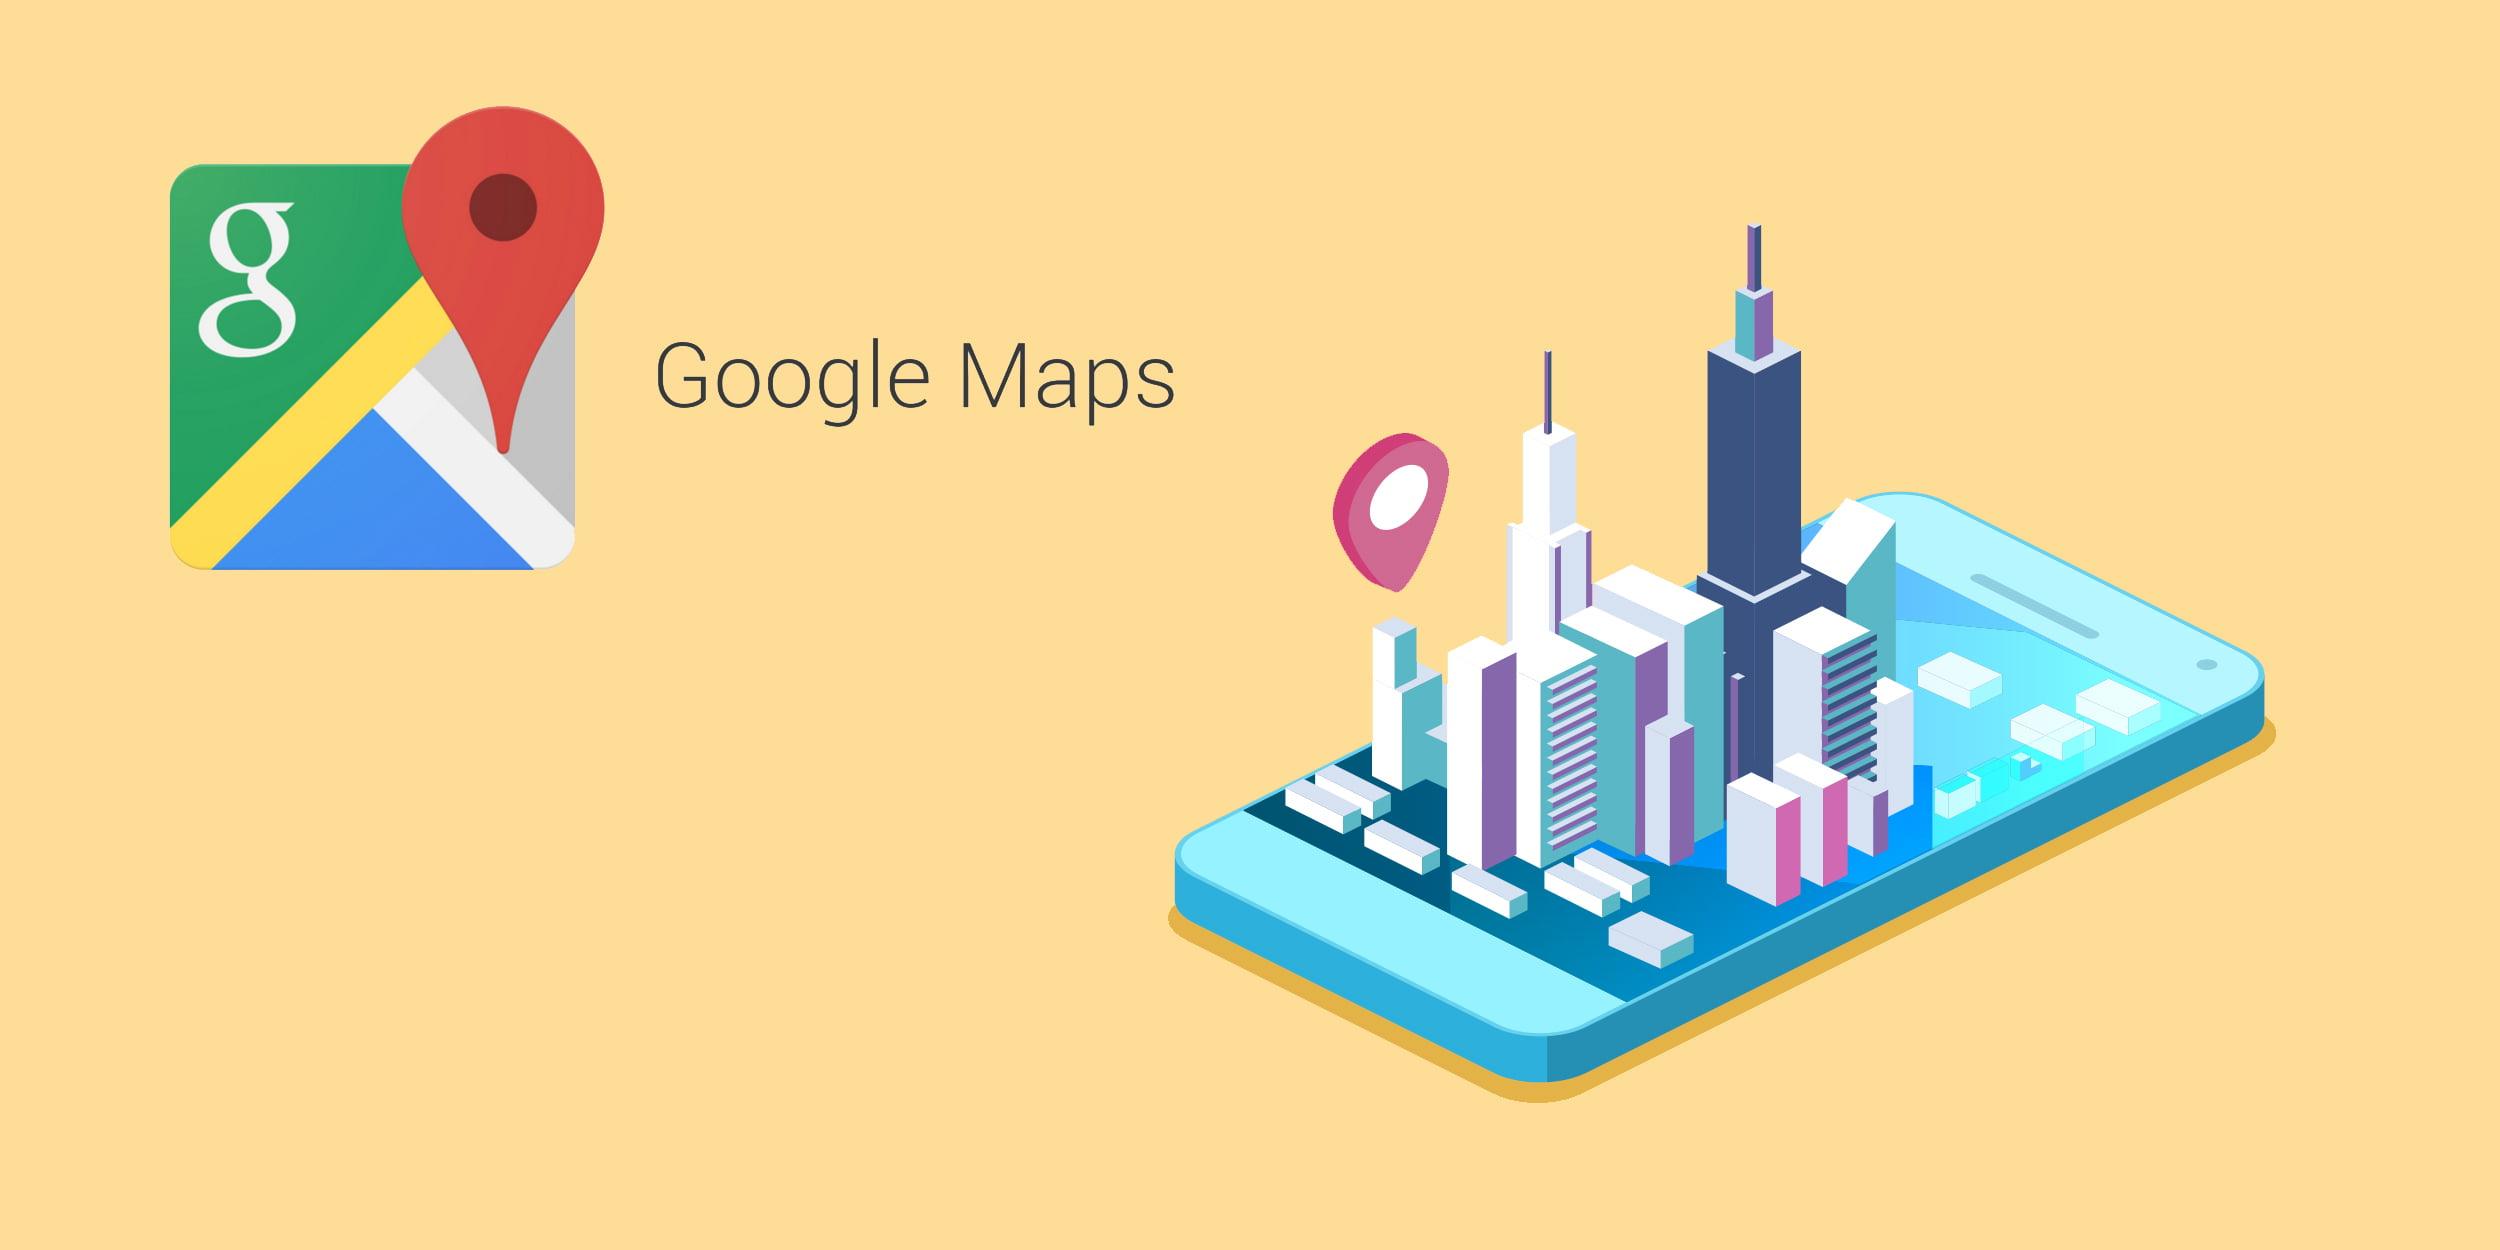 Как скачать карты для работы в картах Google офлайн